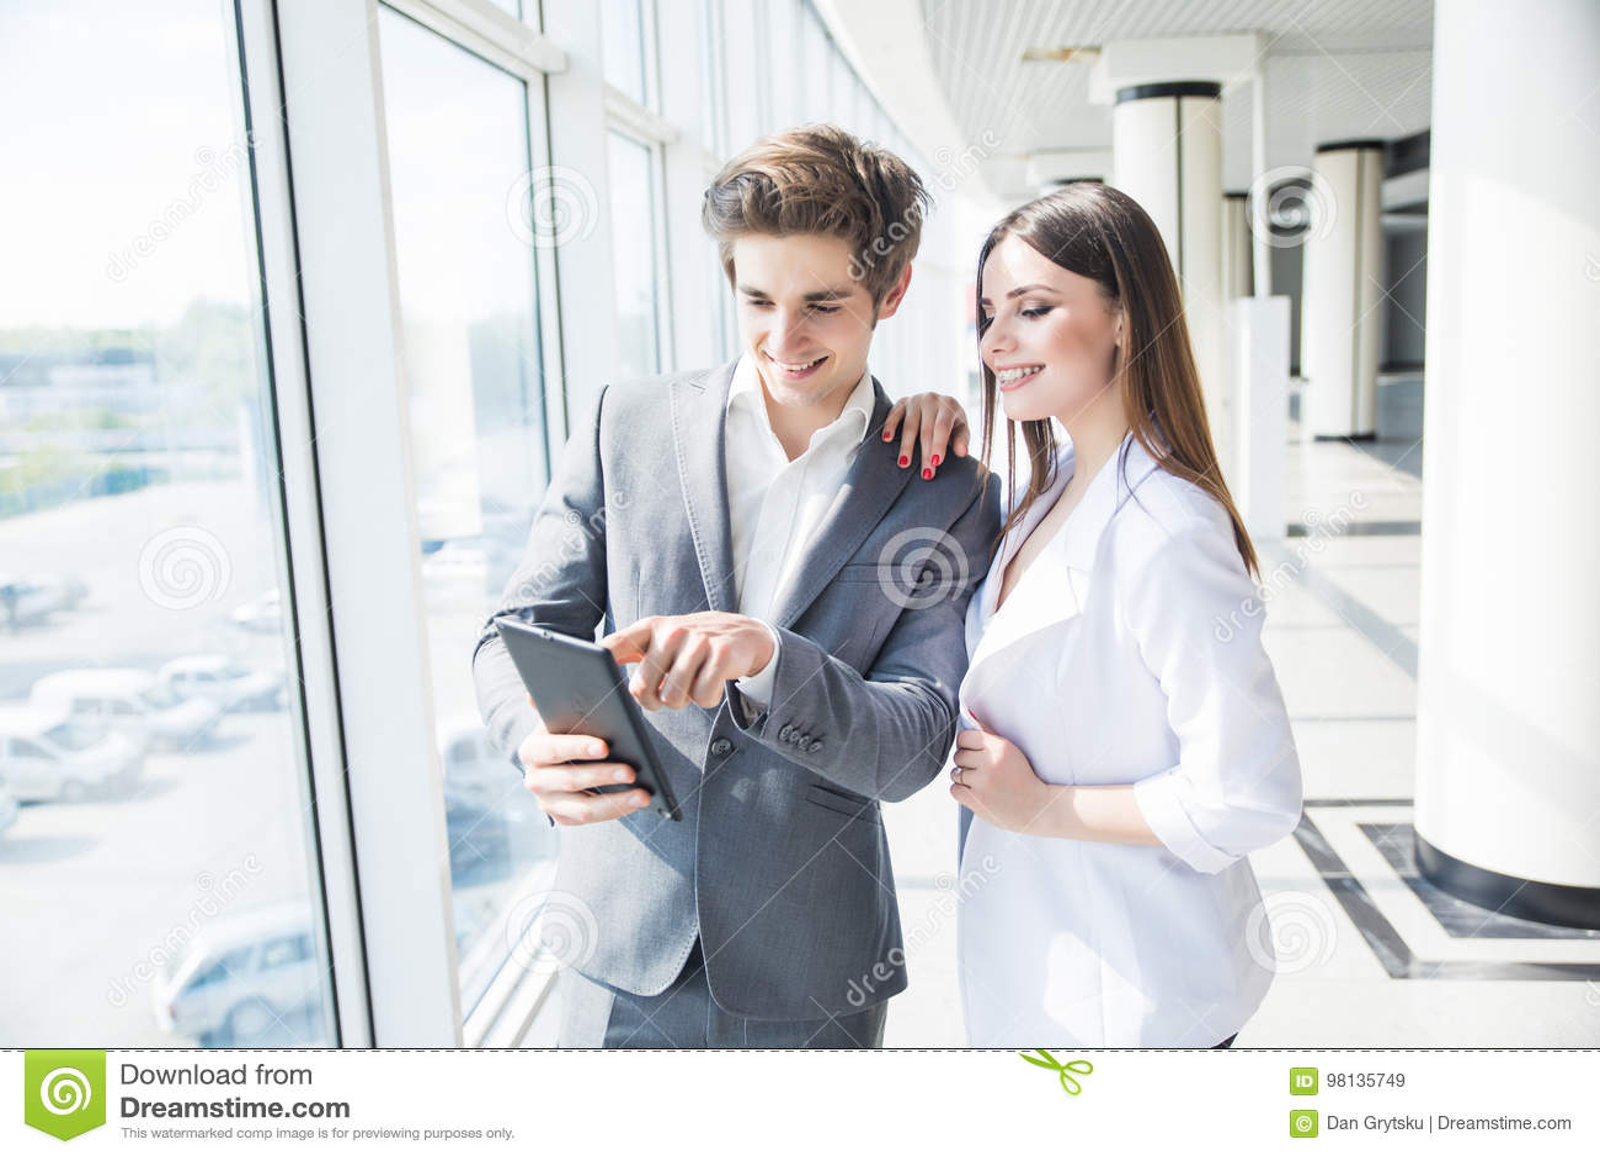 Gelukkige bedrijfscollega s in modern bureau die tablet gebruiken die nieuw project bespreken